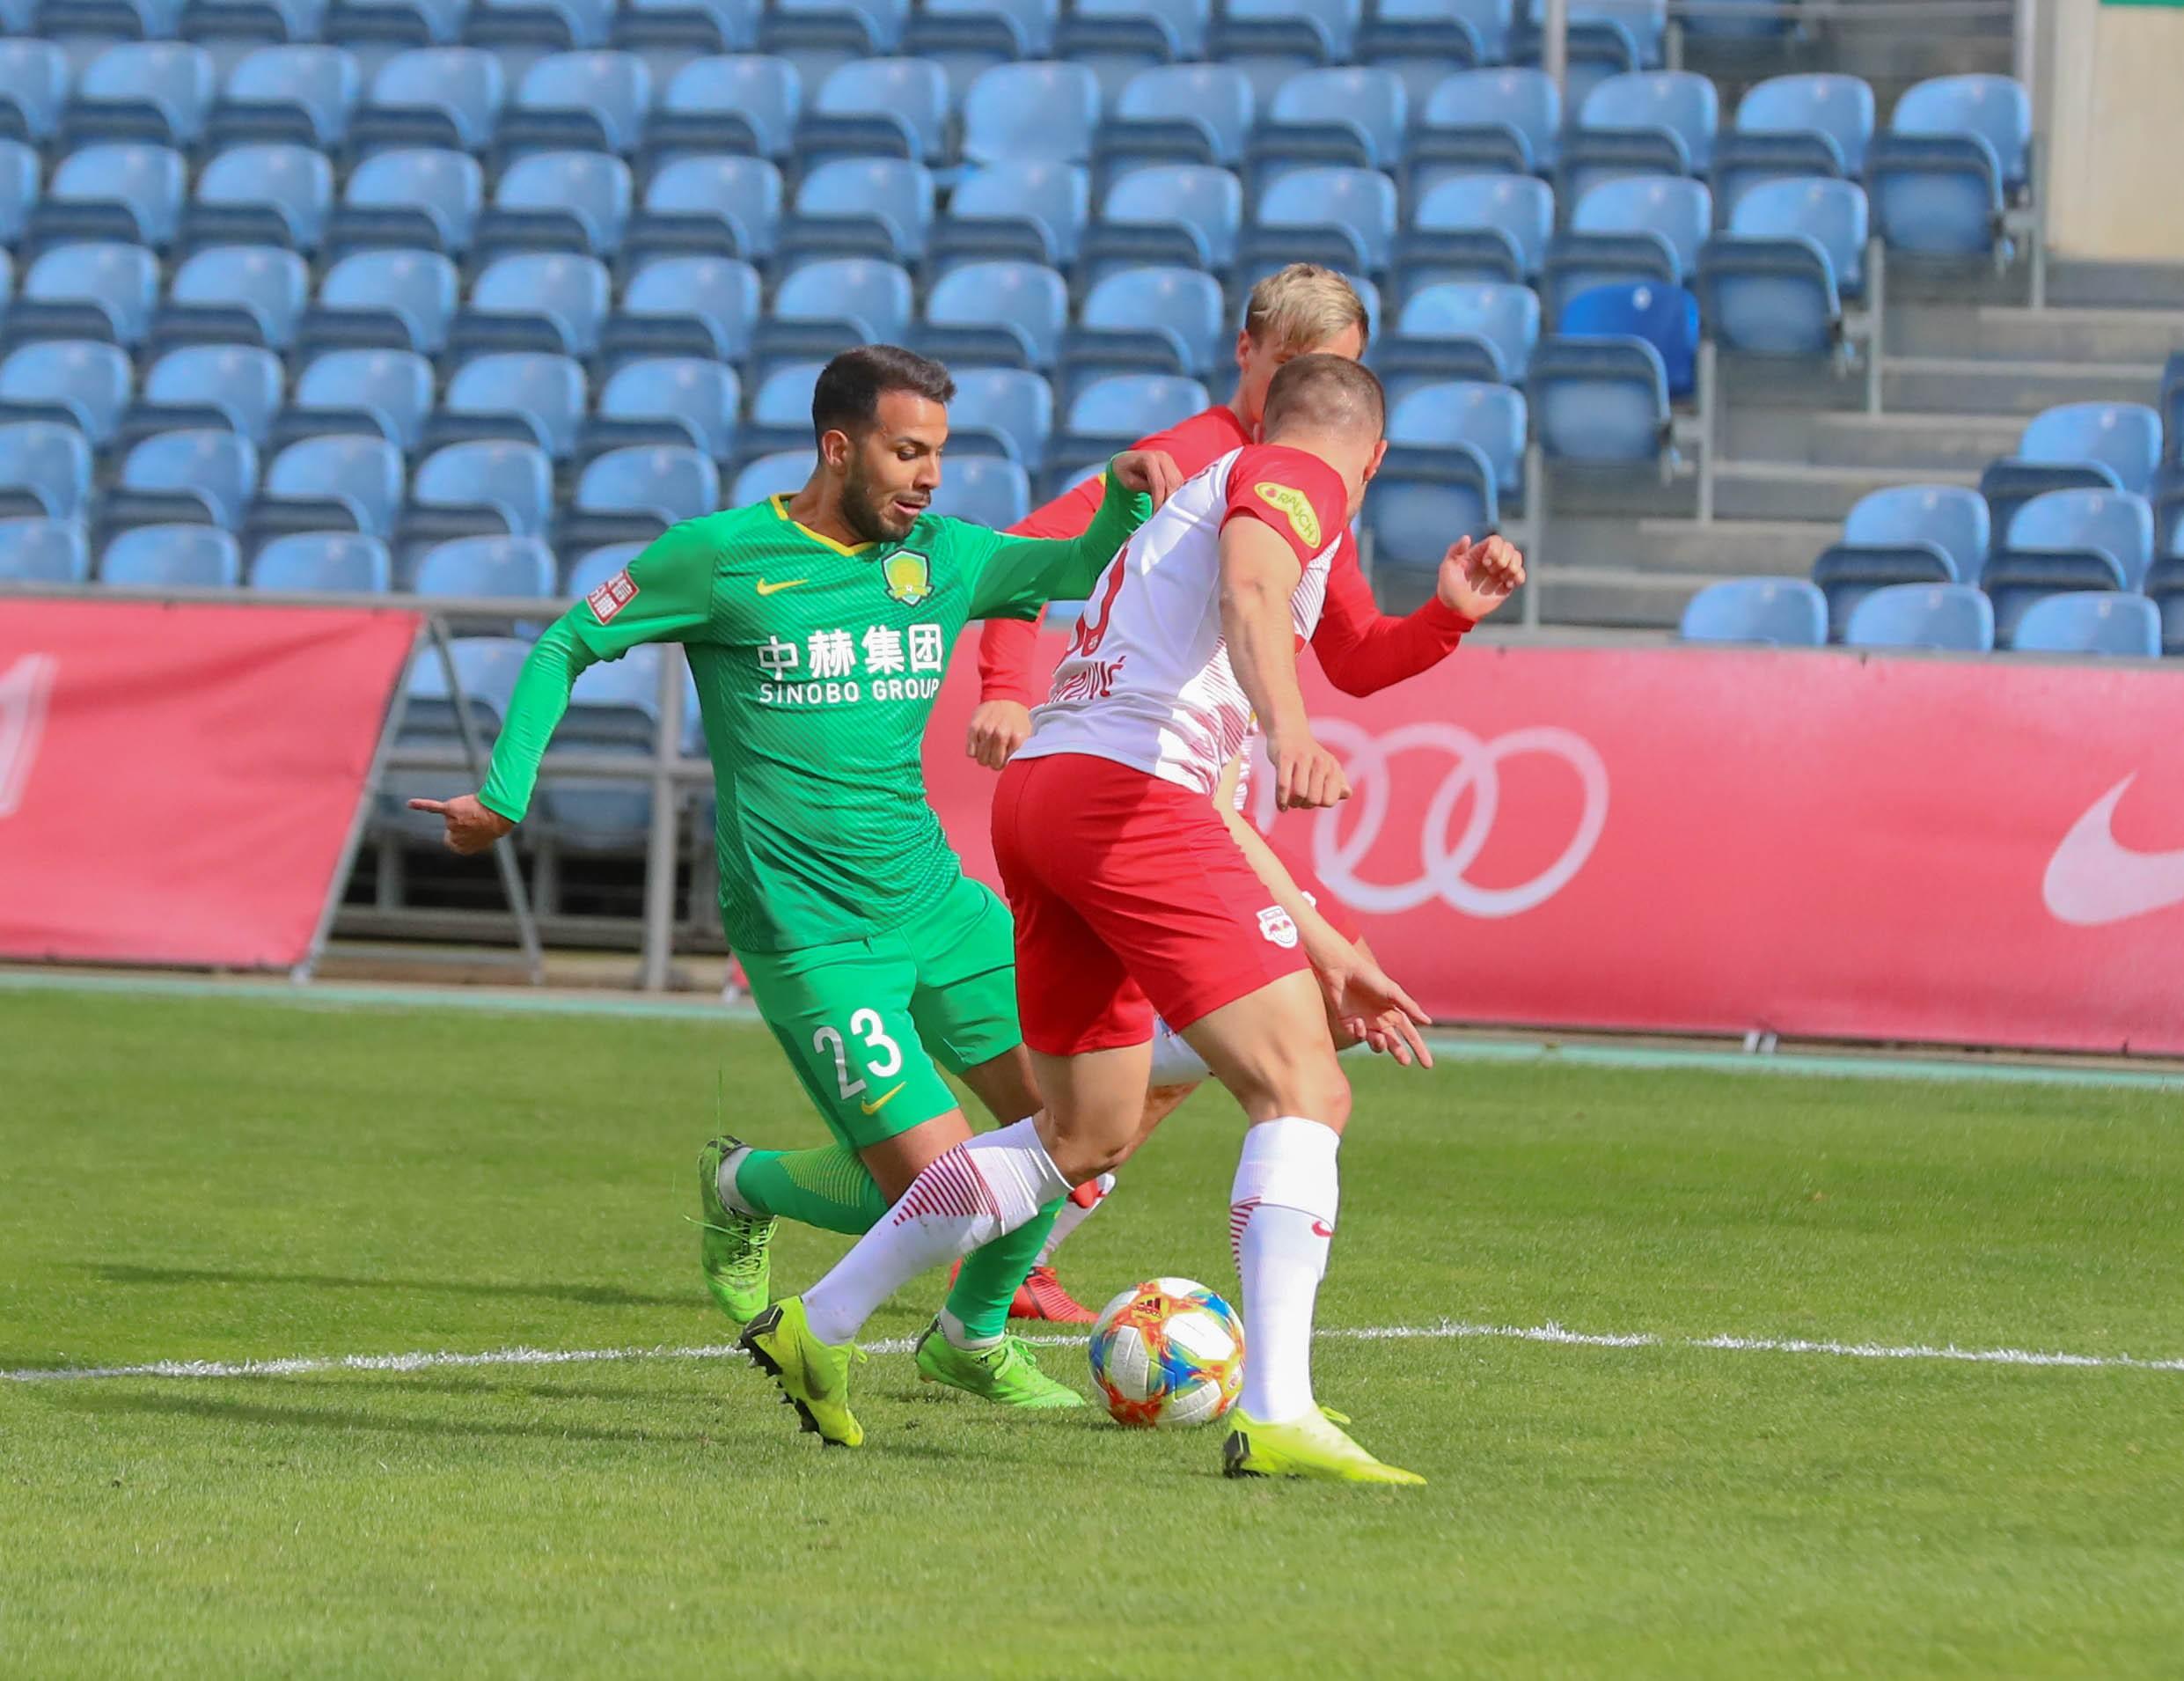 国安热身0-2不敌萨尔茨堡红牛,结束葡萄牙冬训